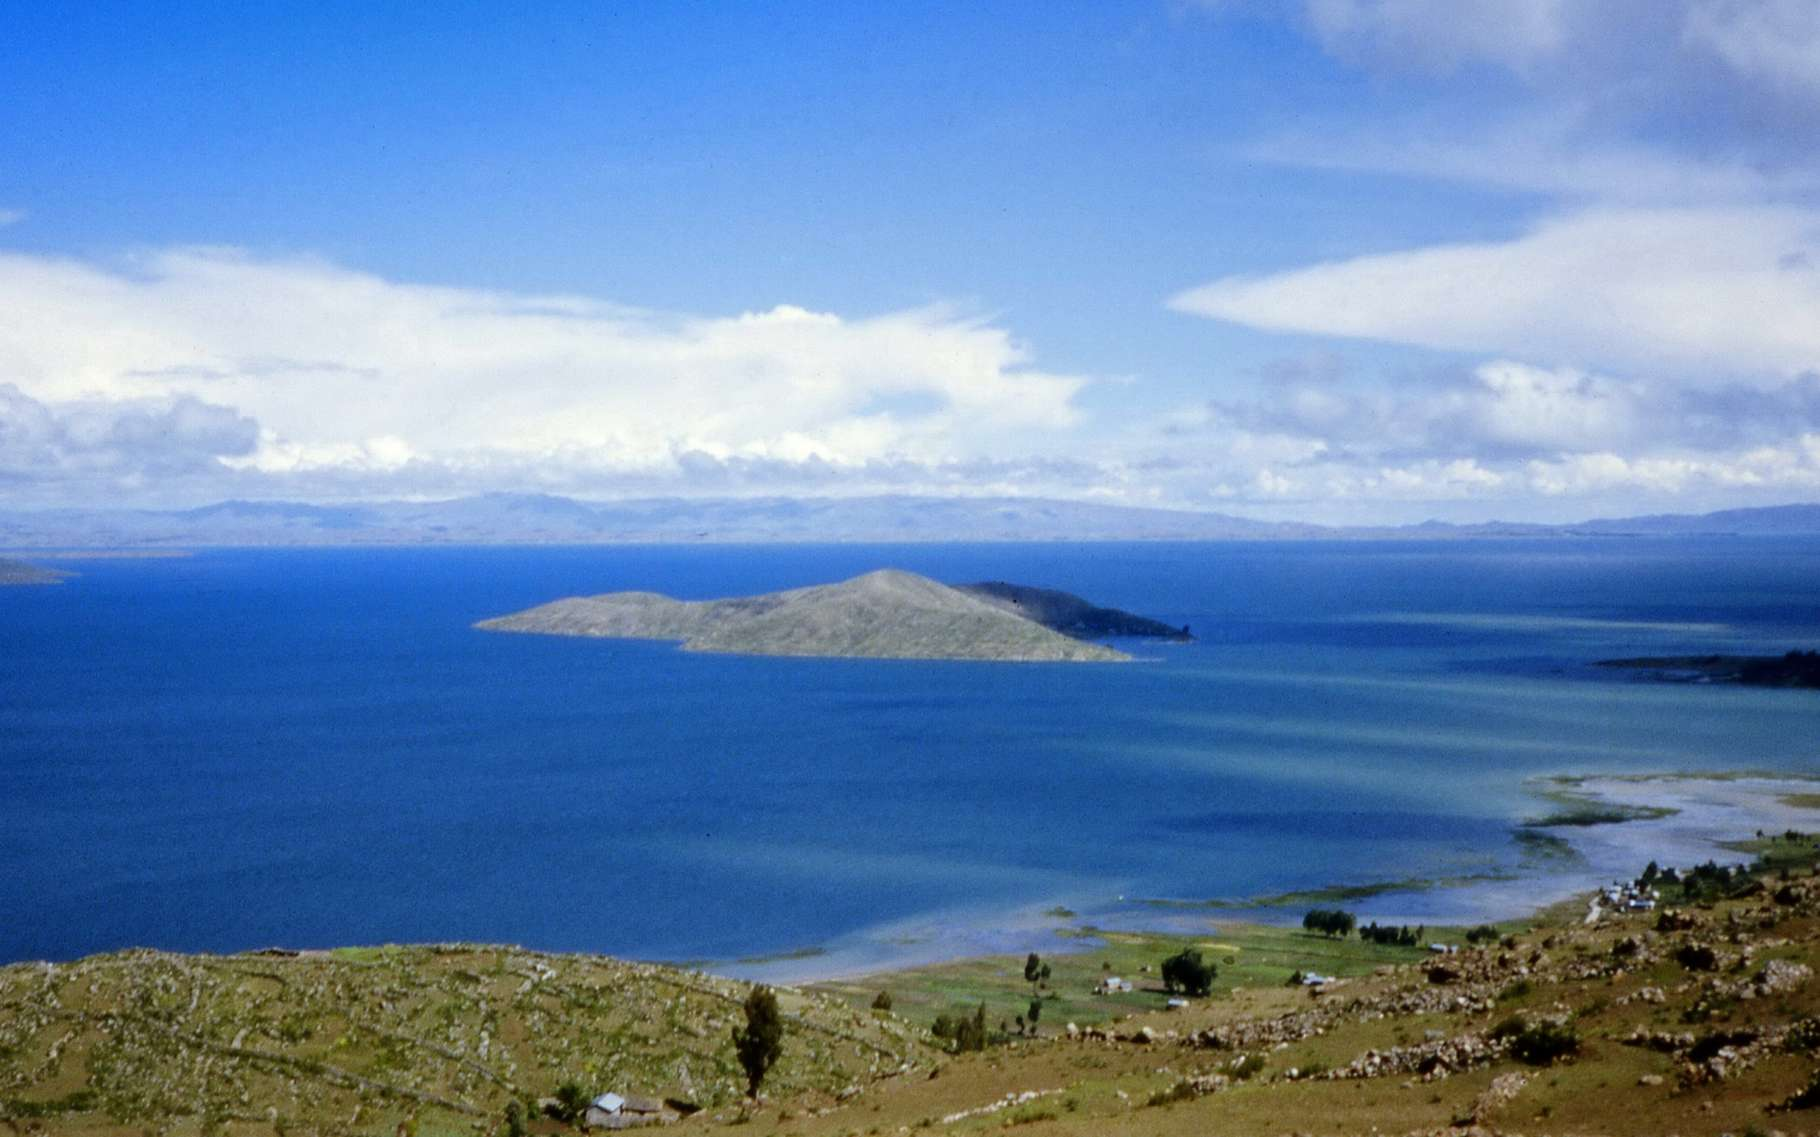 Avec ses 8.500 km2, le lac Titicaca, chevauchant la frontière entre le Pérou et la Bolivie, est l'un des plus grands d'Amérique du Sud. Situé en pleine montagne, à plus de 3.600 m d'altitude, il est peuplé depuis les Incas. Aujourd'hui, plusieurs millions de personnes vivent sur son bassin versant et les eaux qui s'y déversent sont loin d'être toutes traitées. © Viault, GNU Free Documention License